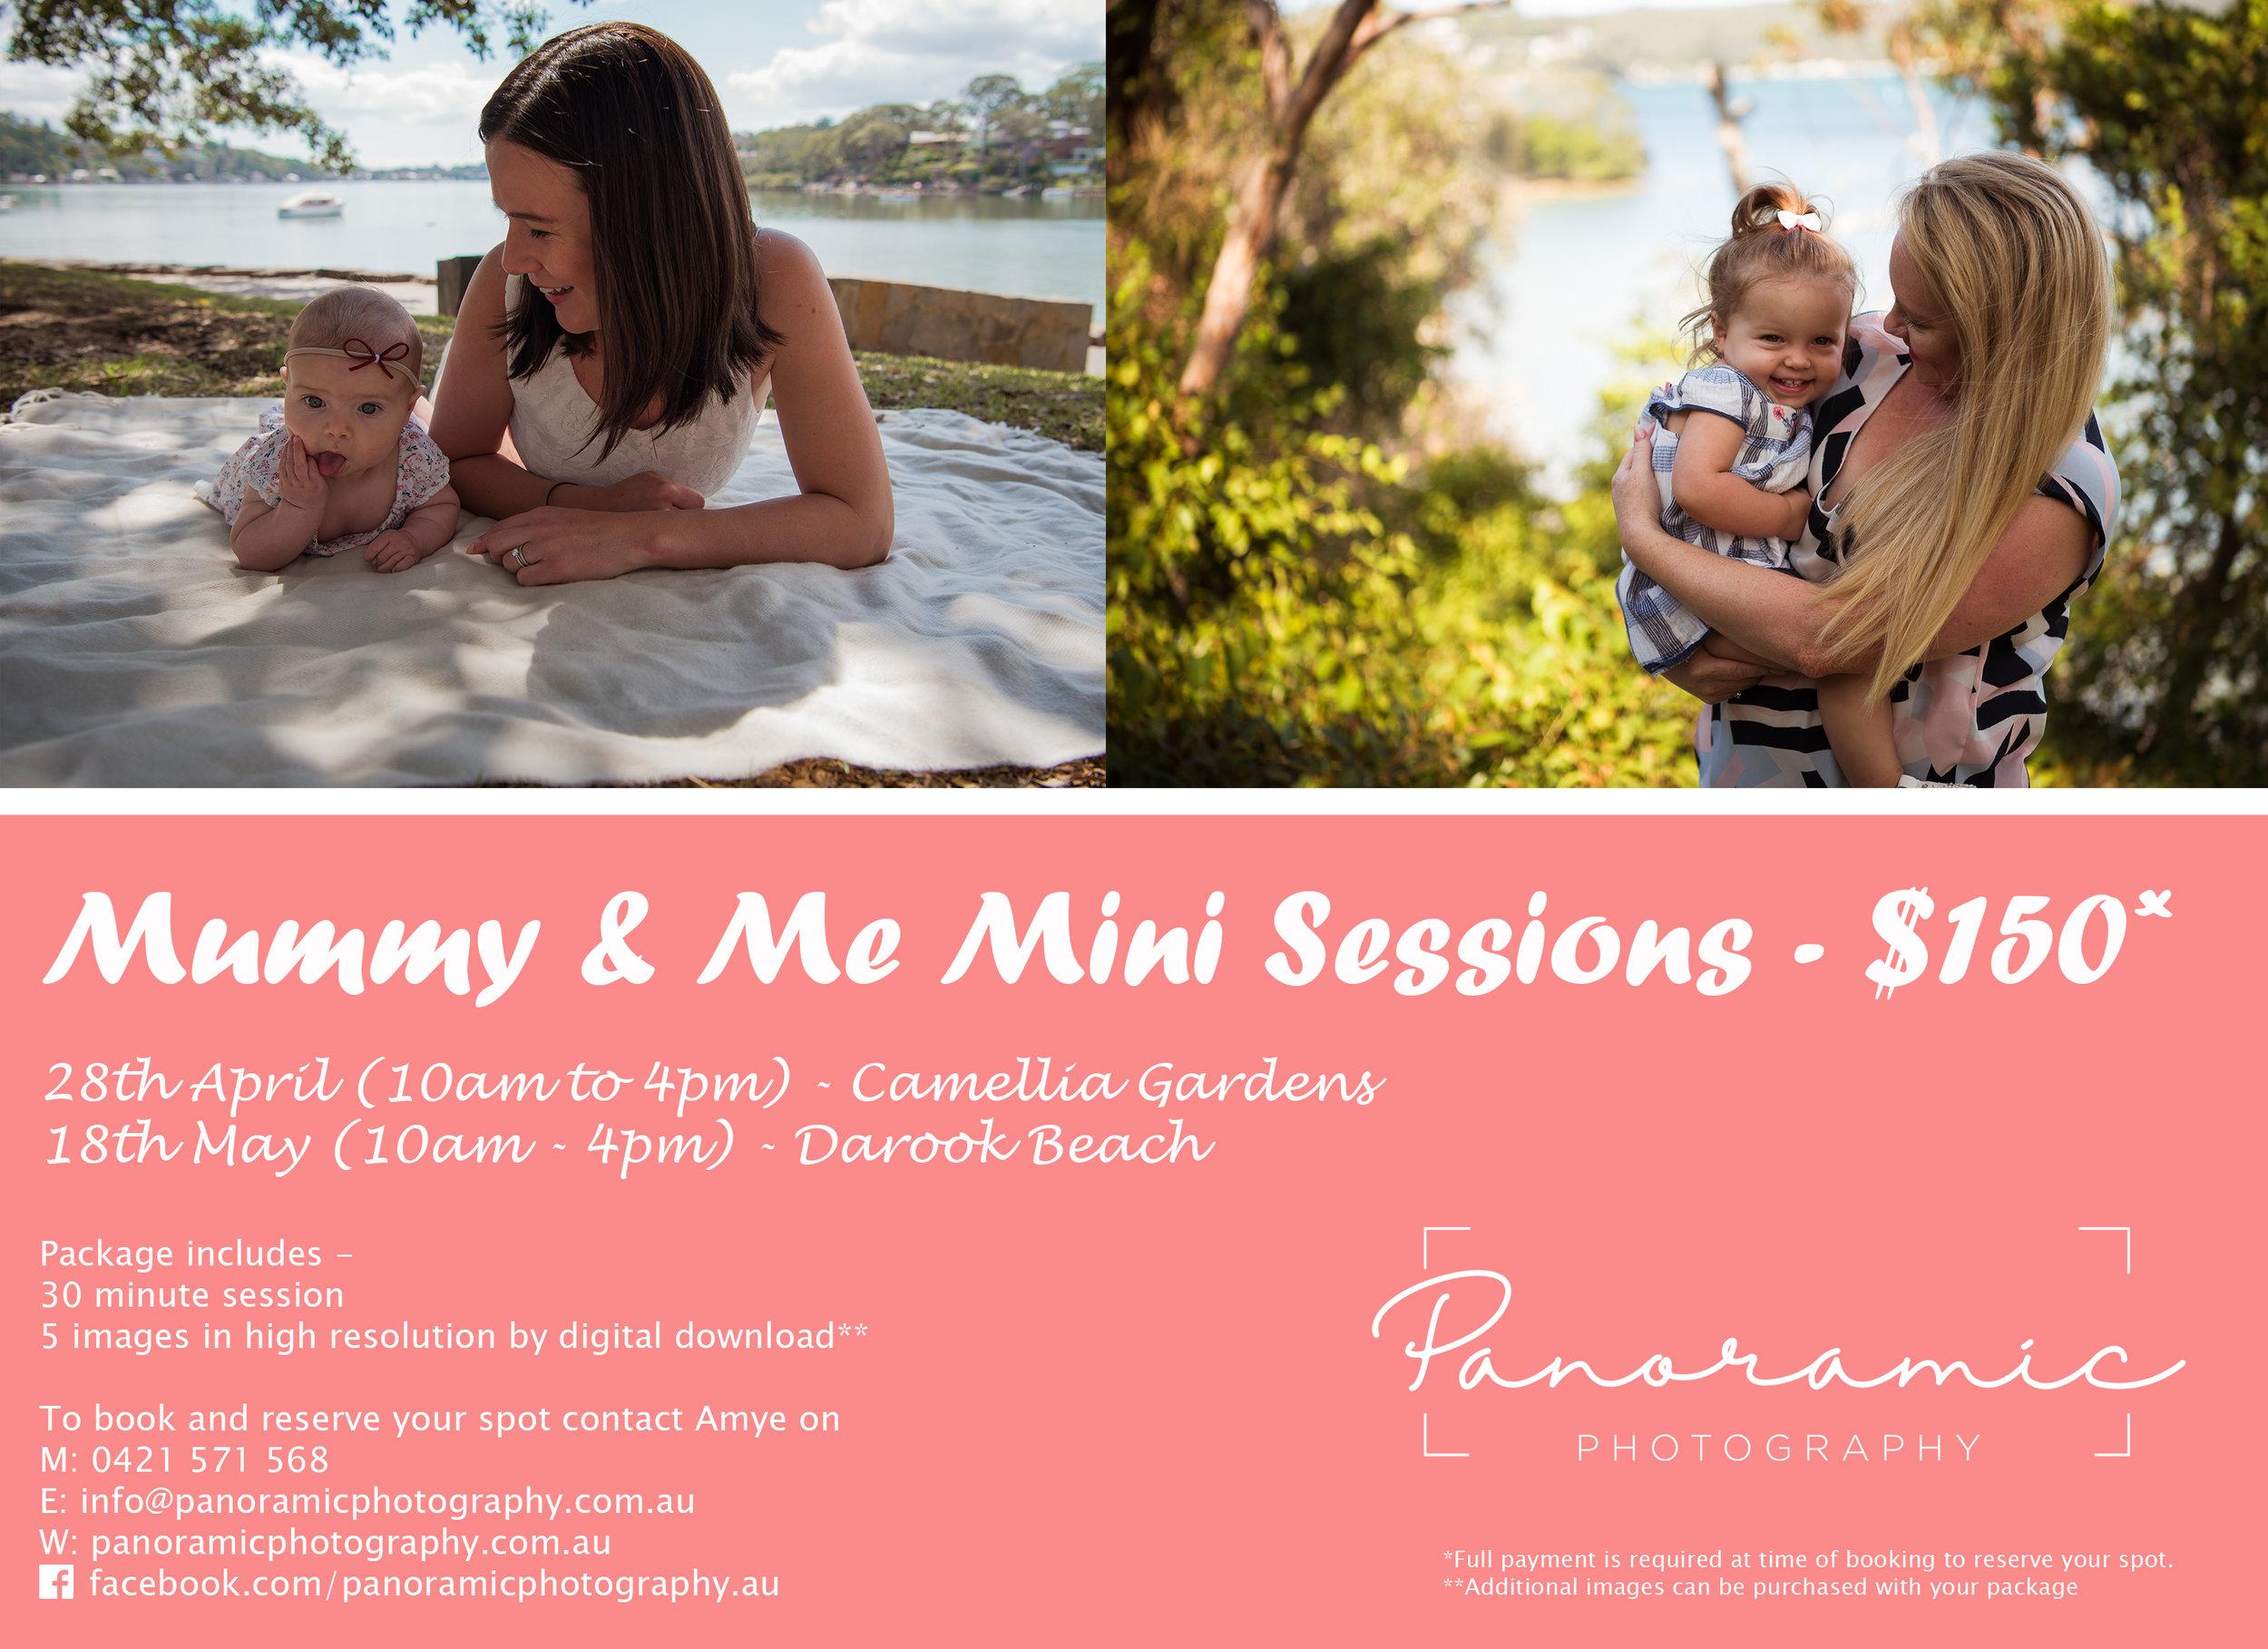 PanoramicPhotography_Mummy&MeMiniSession.jpg